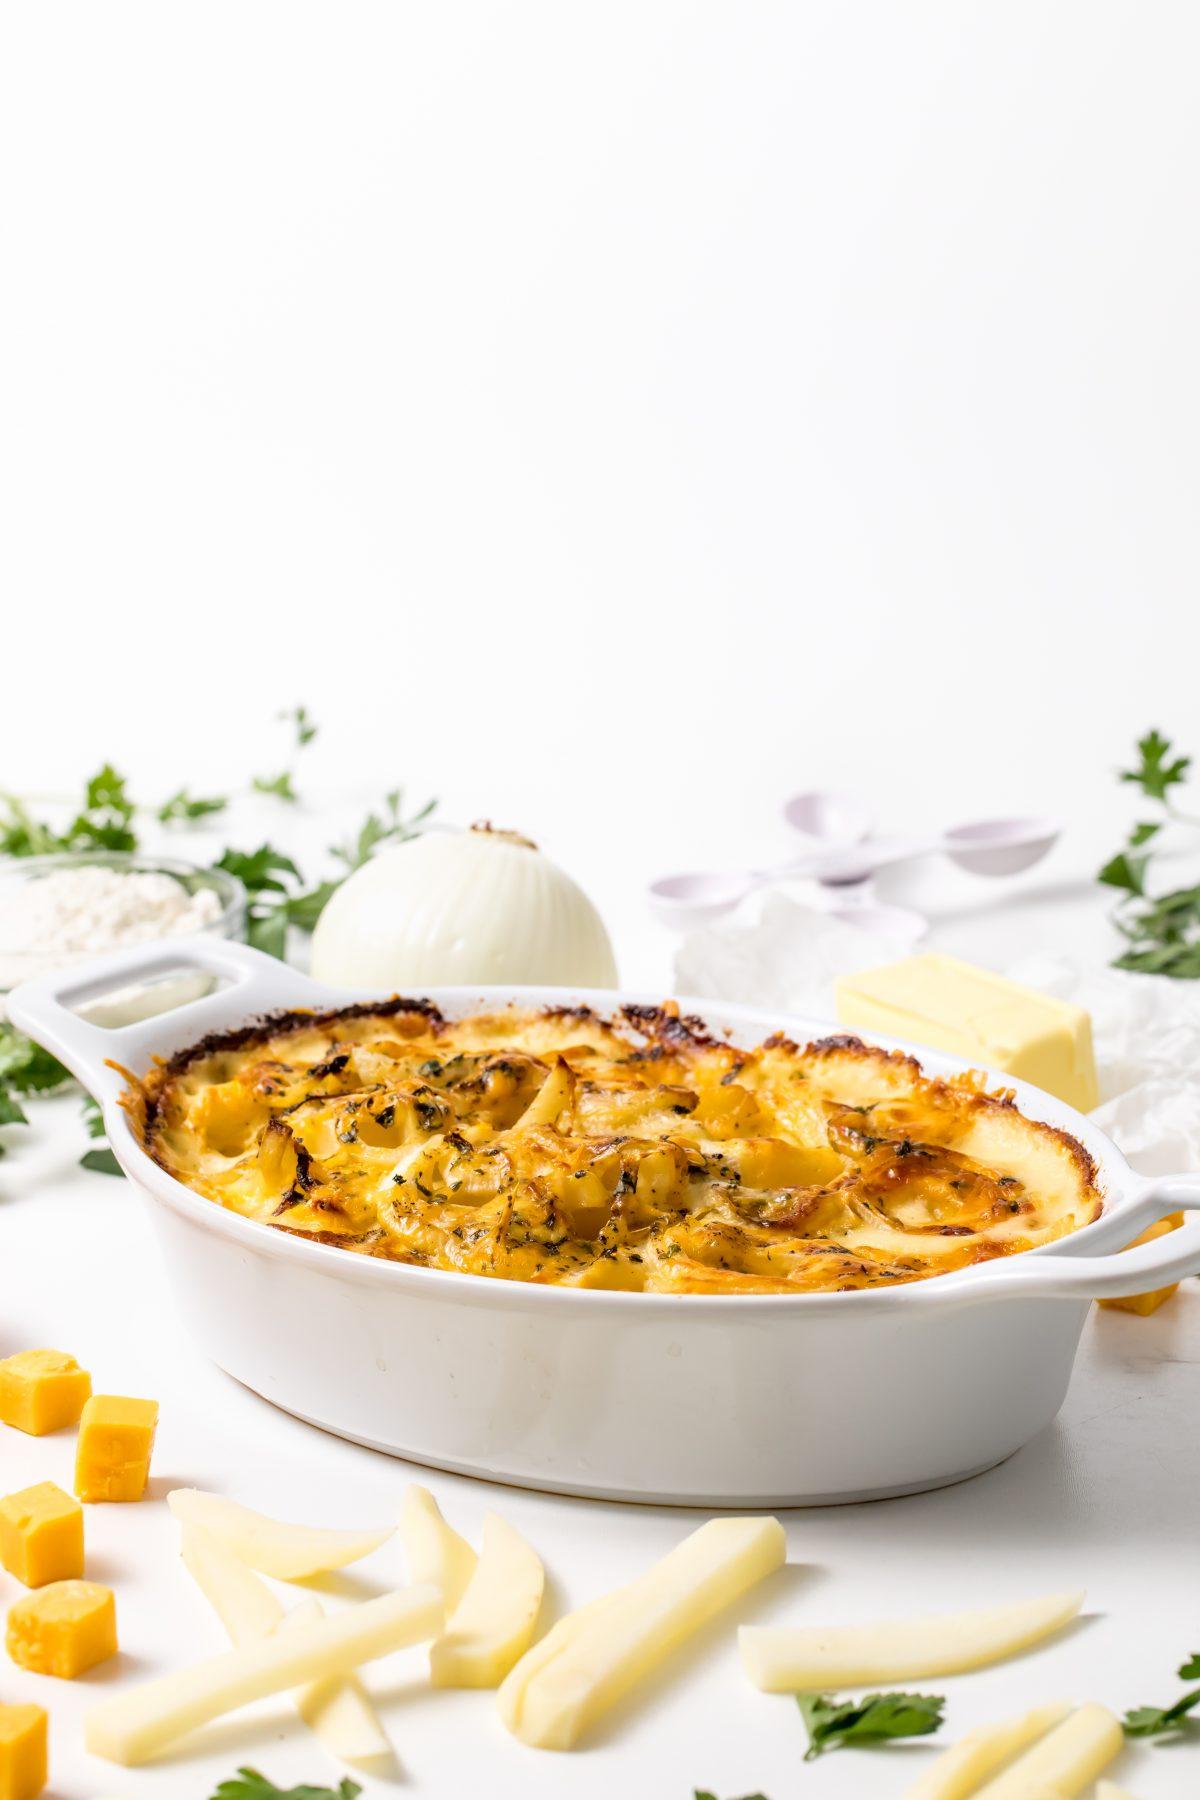 5D4B1992 - Cheesy Holiday Potatoes